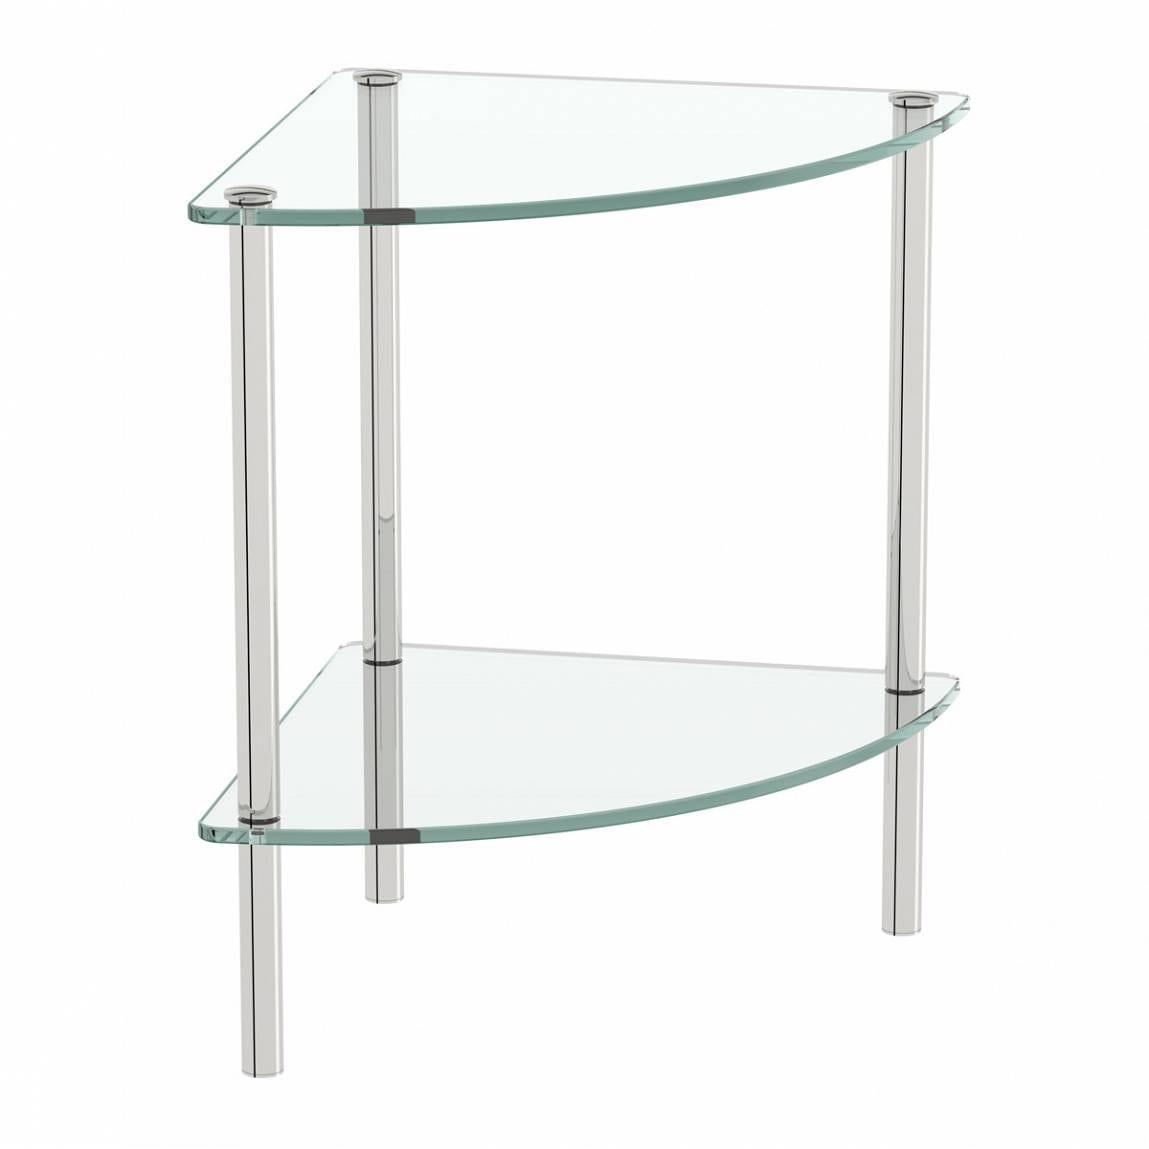 Orchard Options freestanding quadrant 2 glass shelf unit